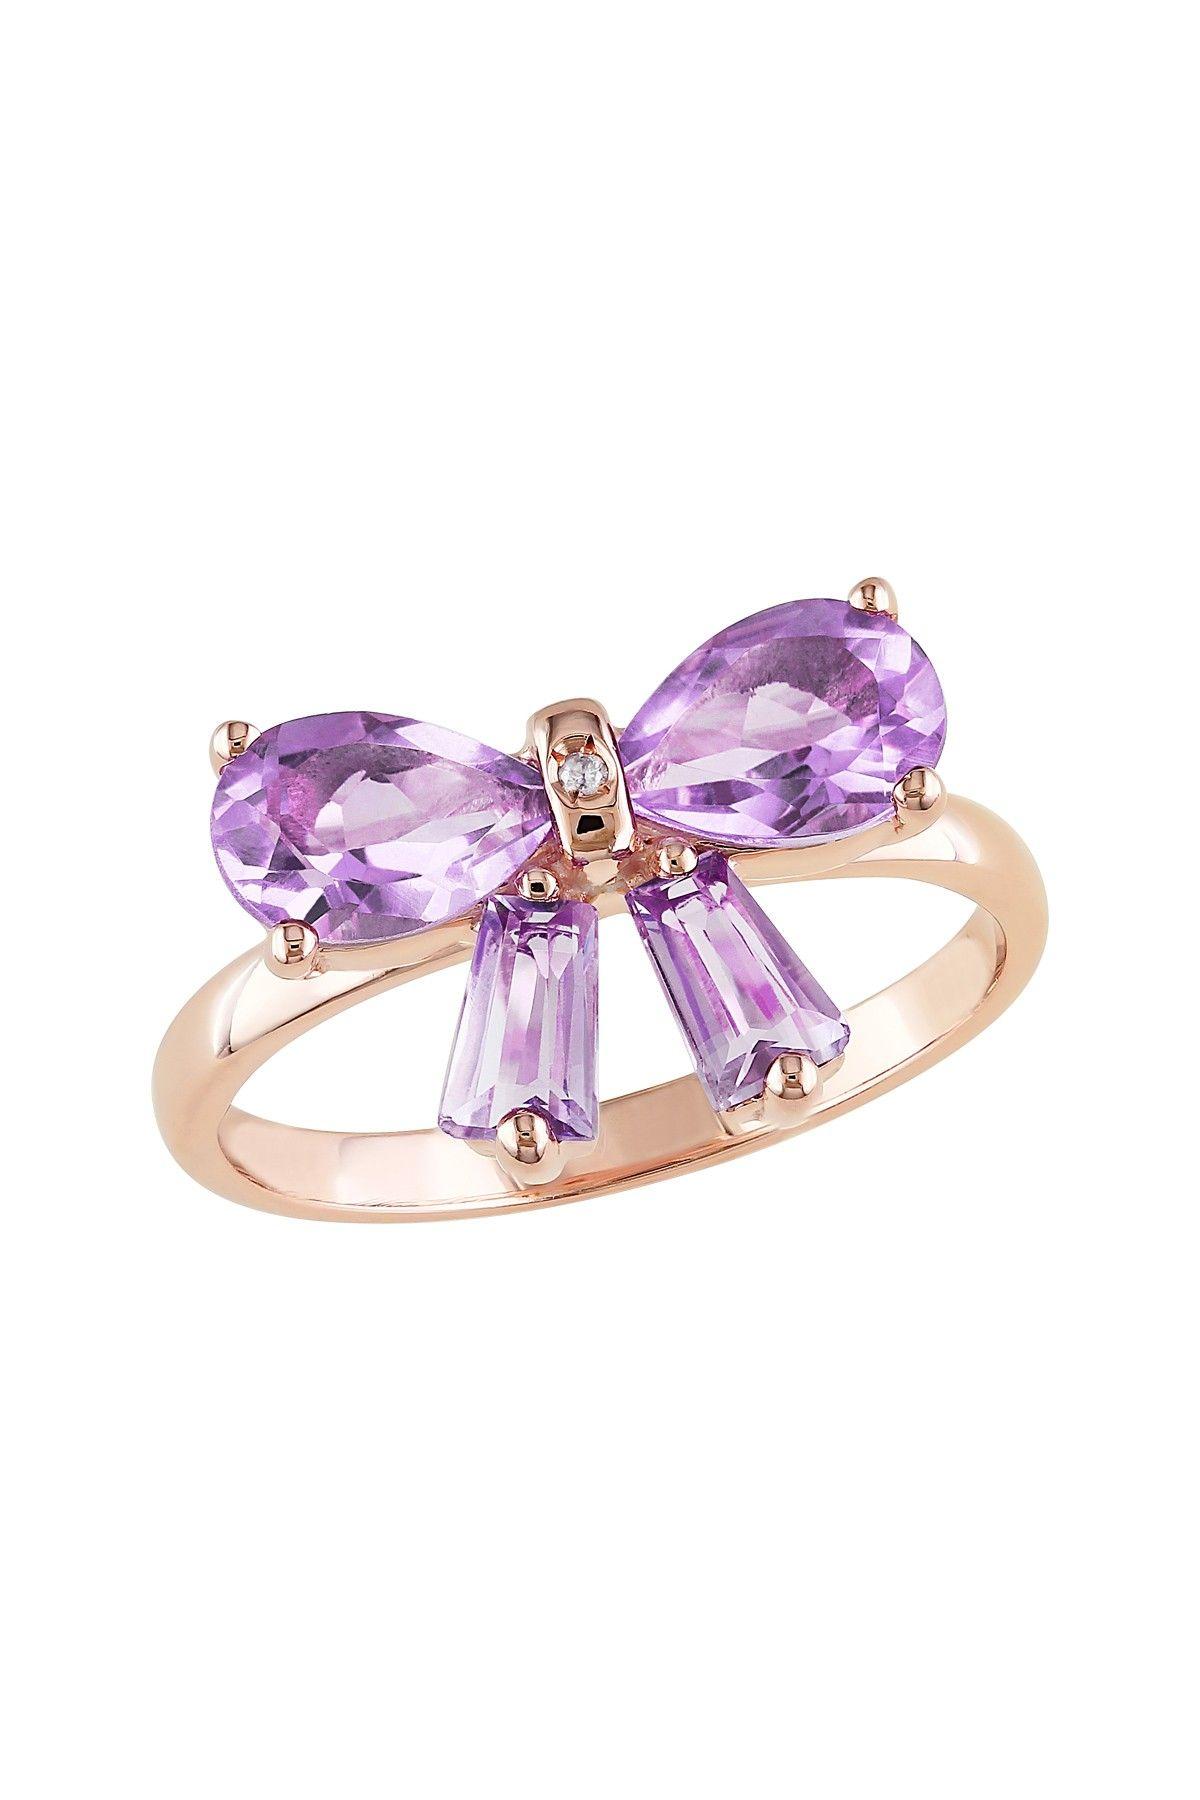 Ring Bow Il Gioiello Personalizzabile Con La Tua Nailart: Amethyst Bow Ring ♥ Perhaps More Than What I'd Choose To